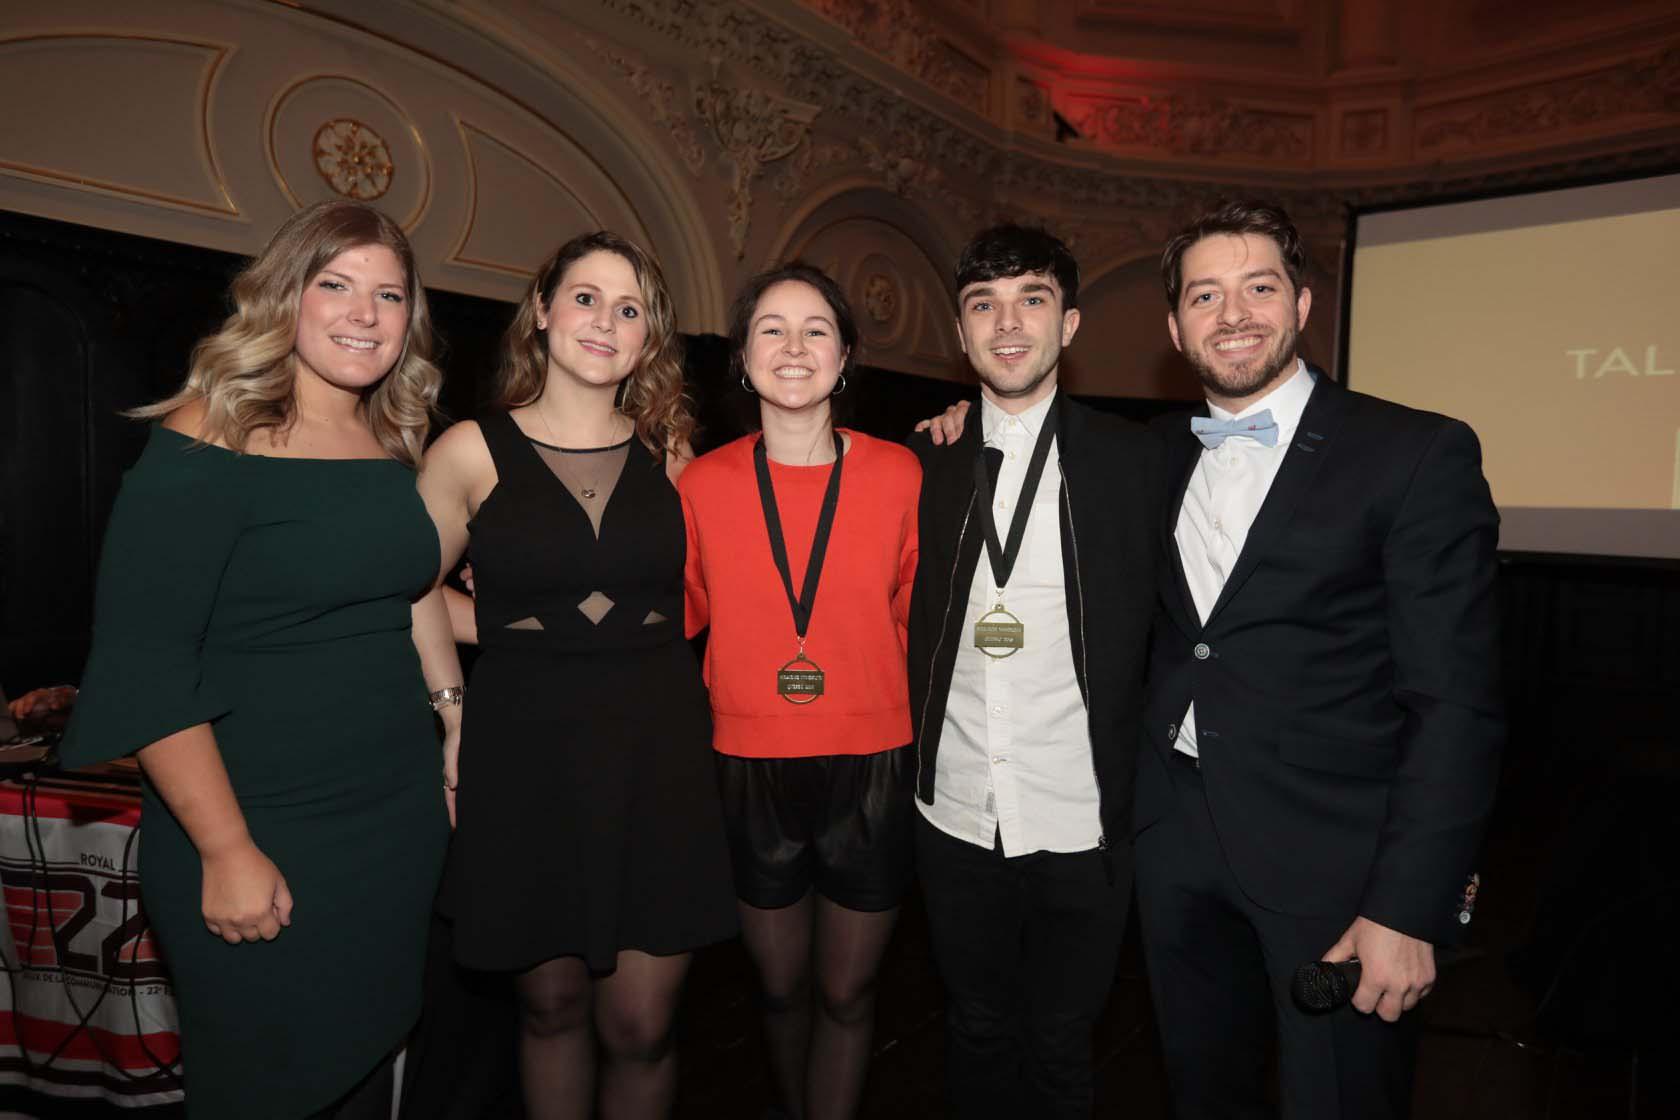 Cominar Partners the Jeux de la communication 2018